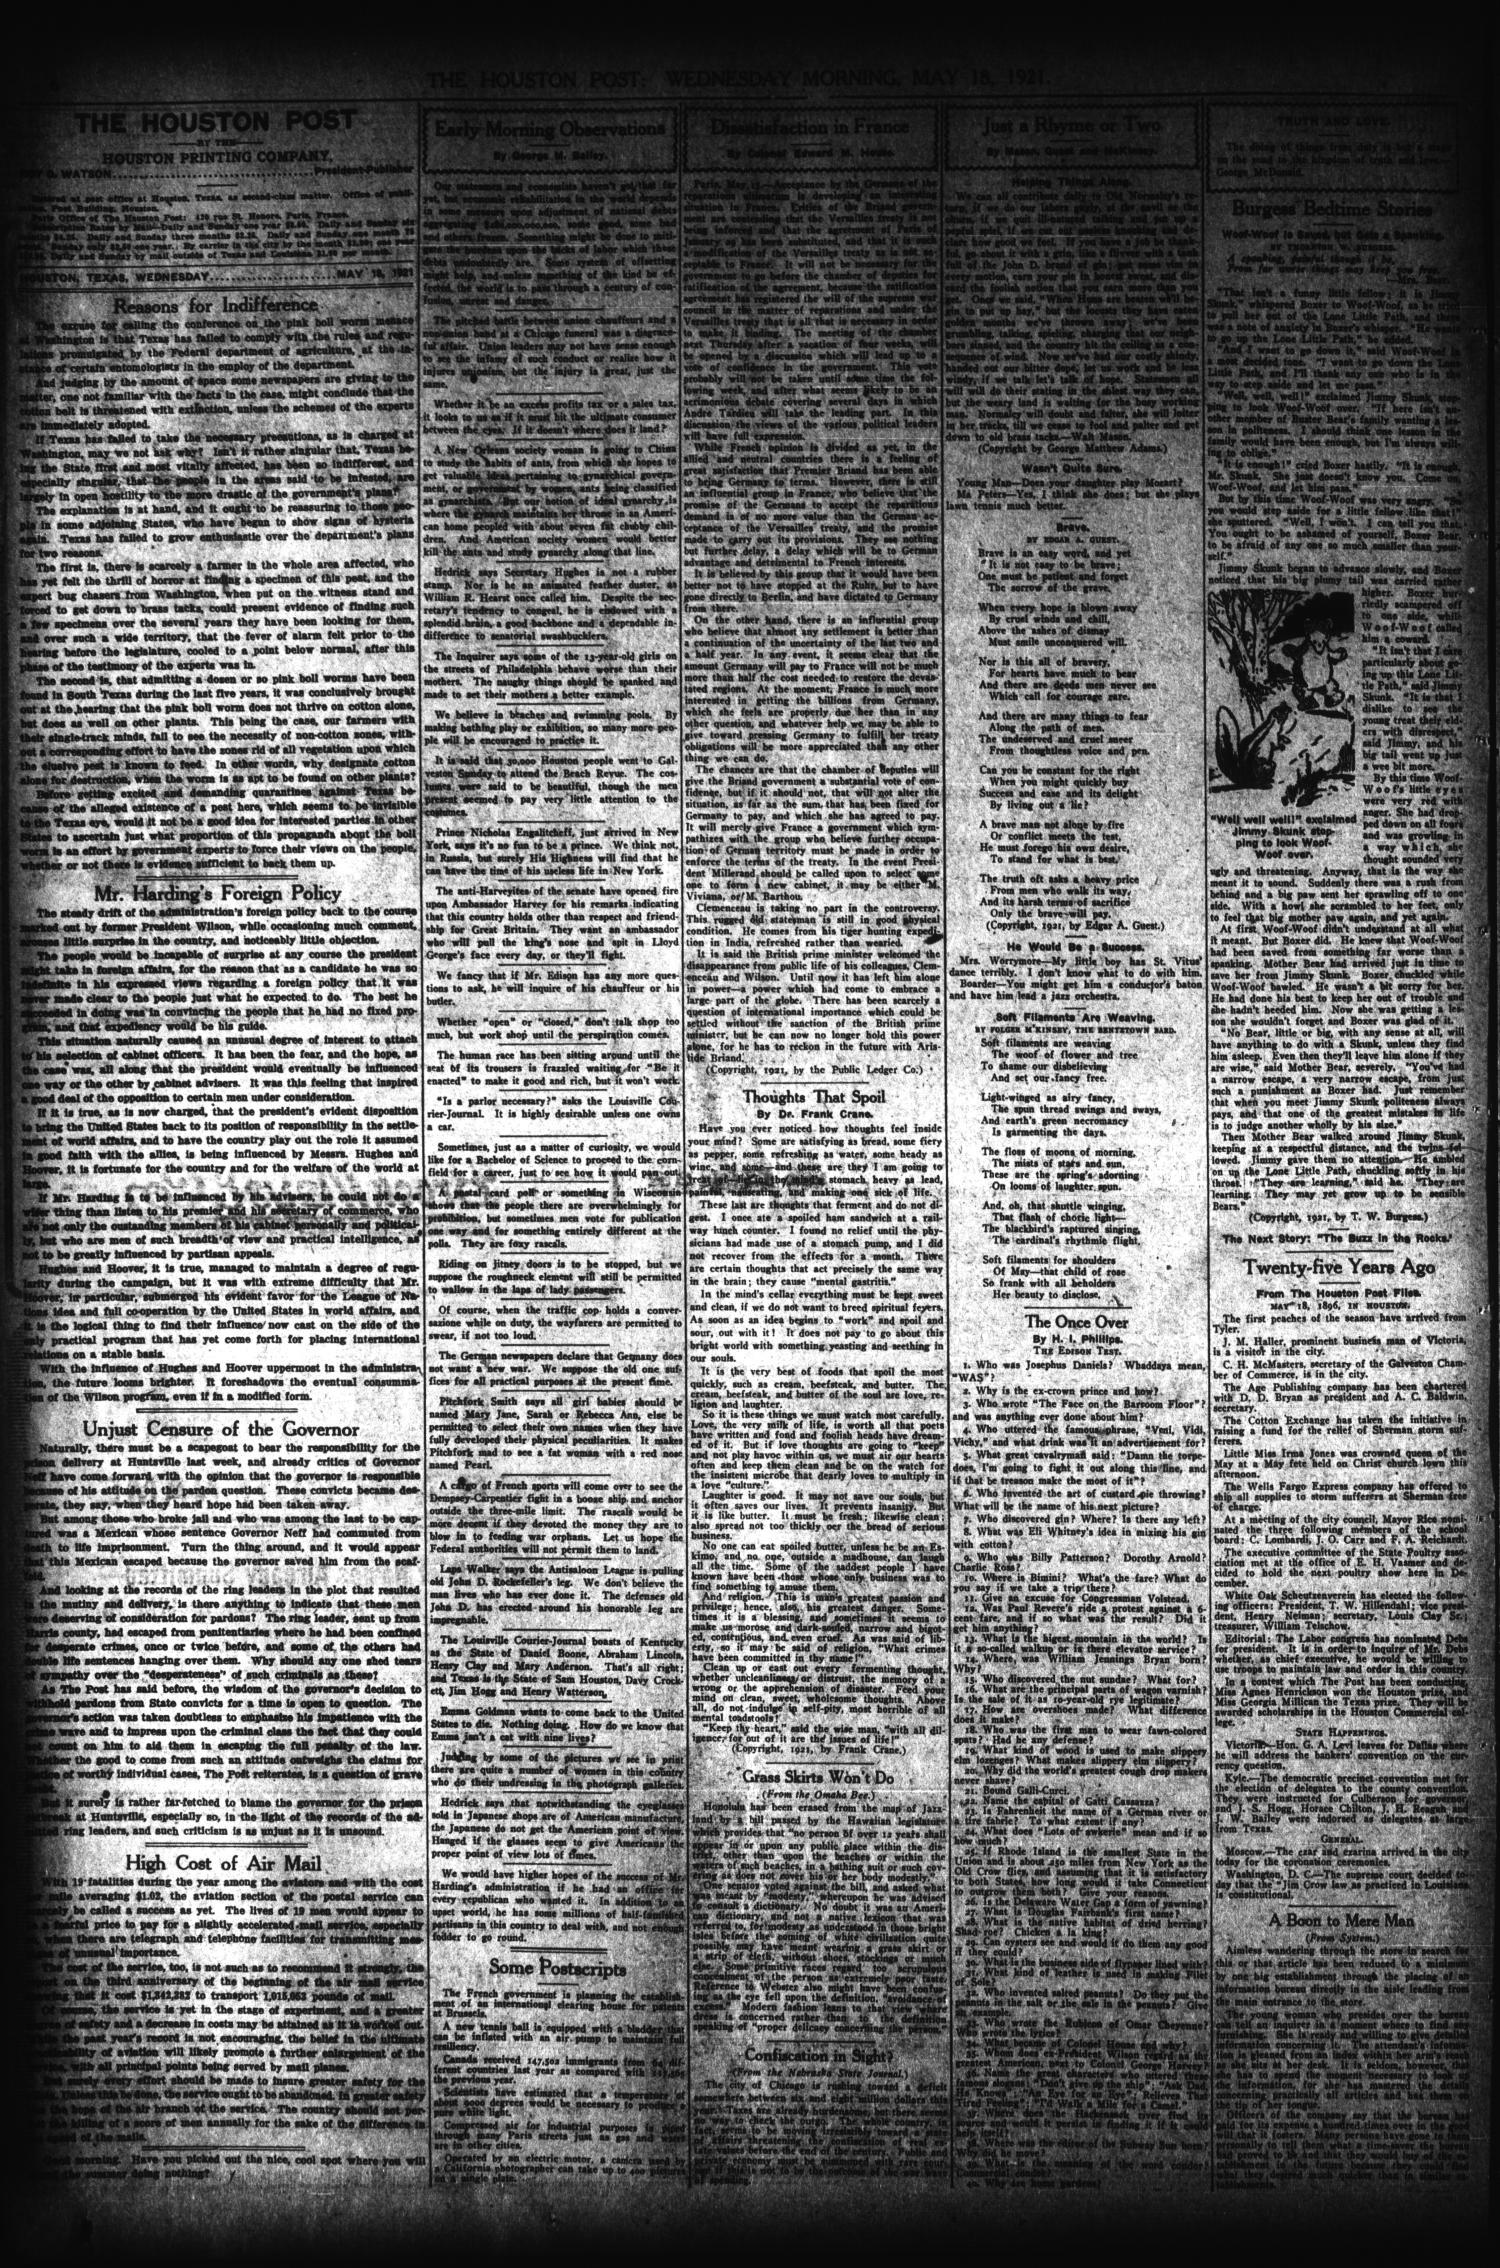 The Houston Post. (Houston, Tex.), Vol. 37, No. 44, Ed. 1